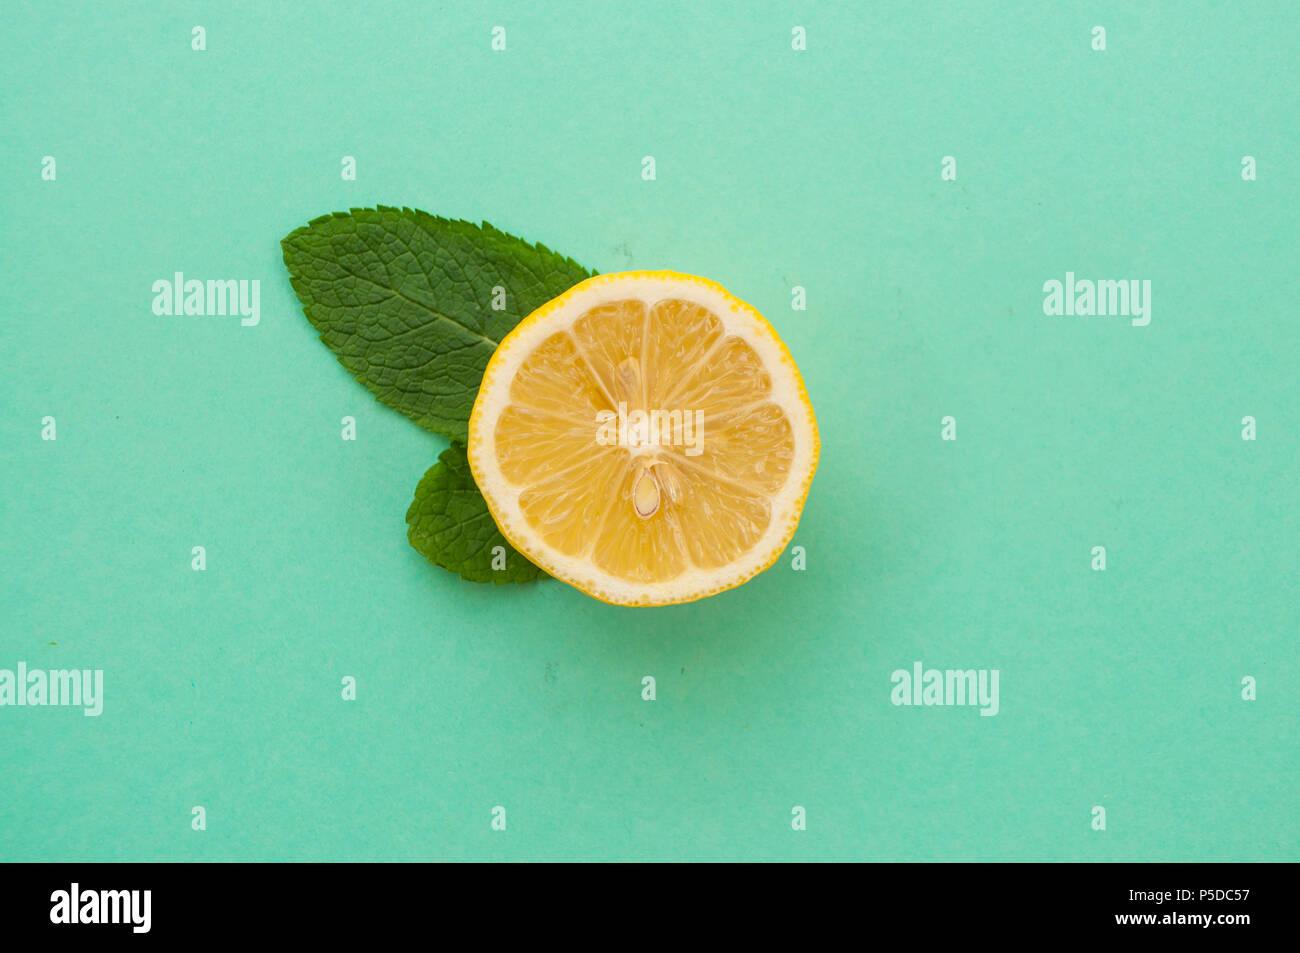 Mise à plat de citron et feuilles de menthe couper les ingrédients. Photo Stock